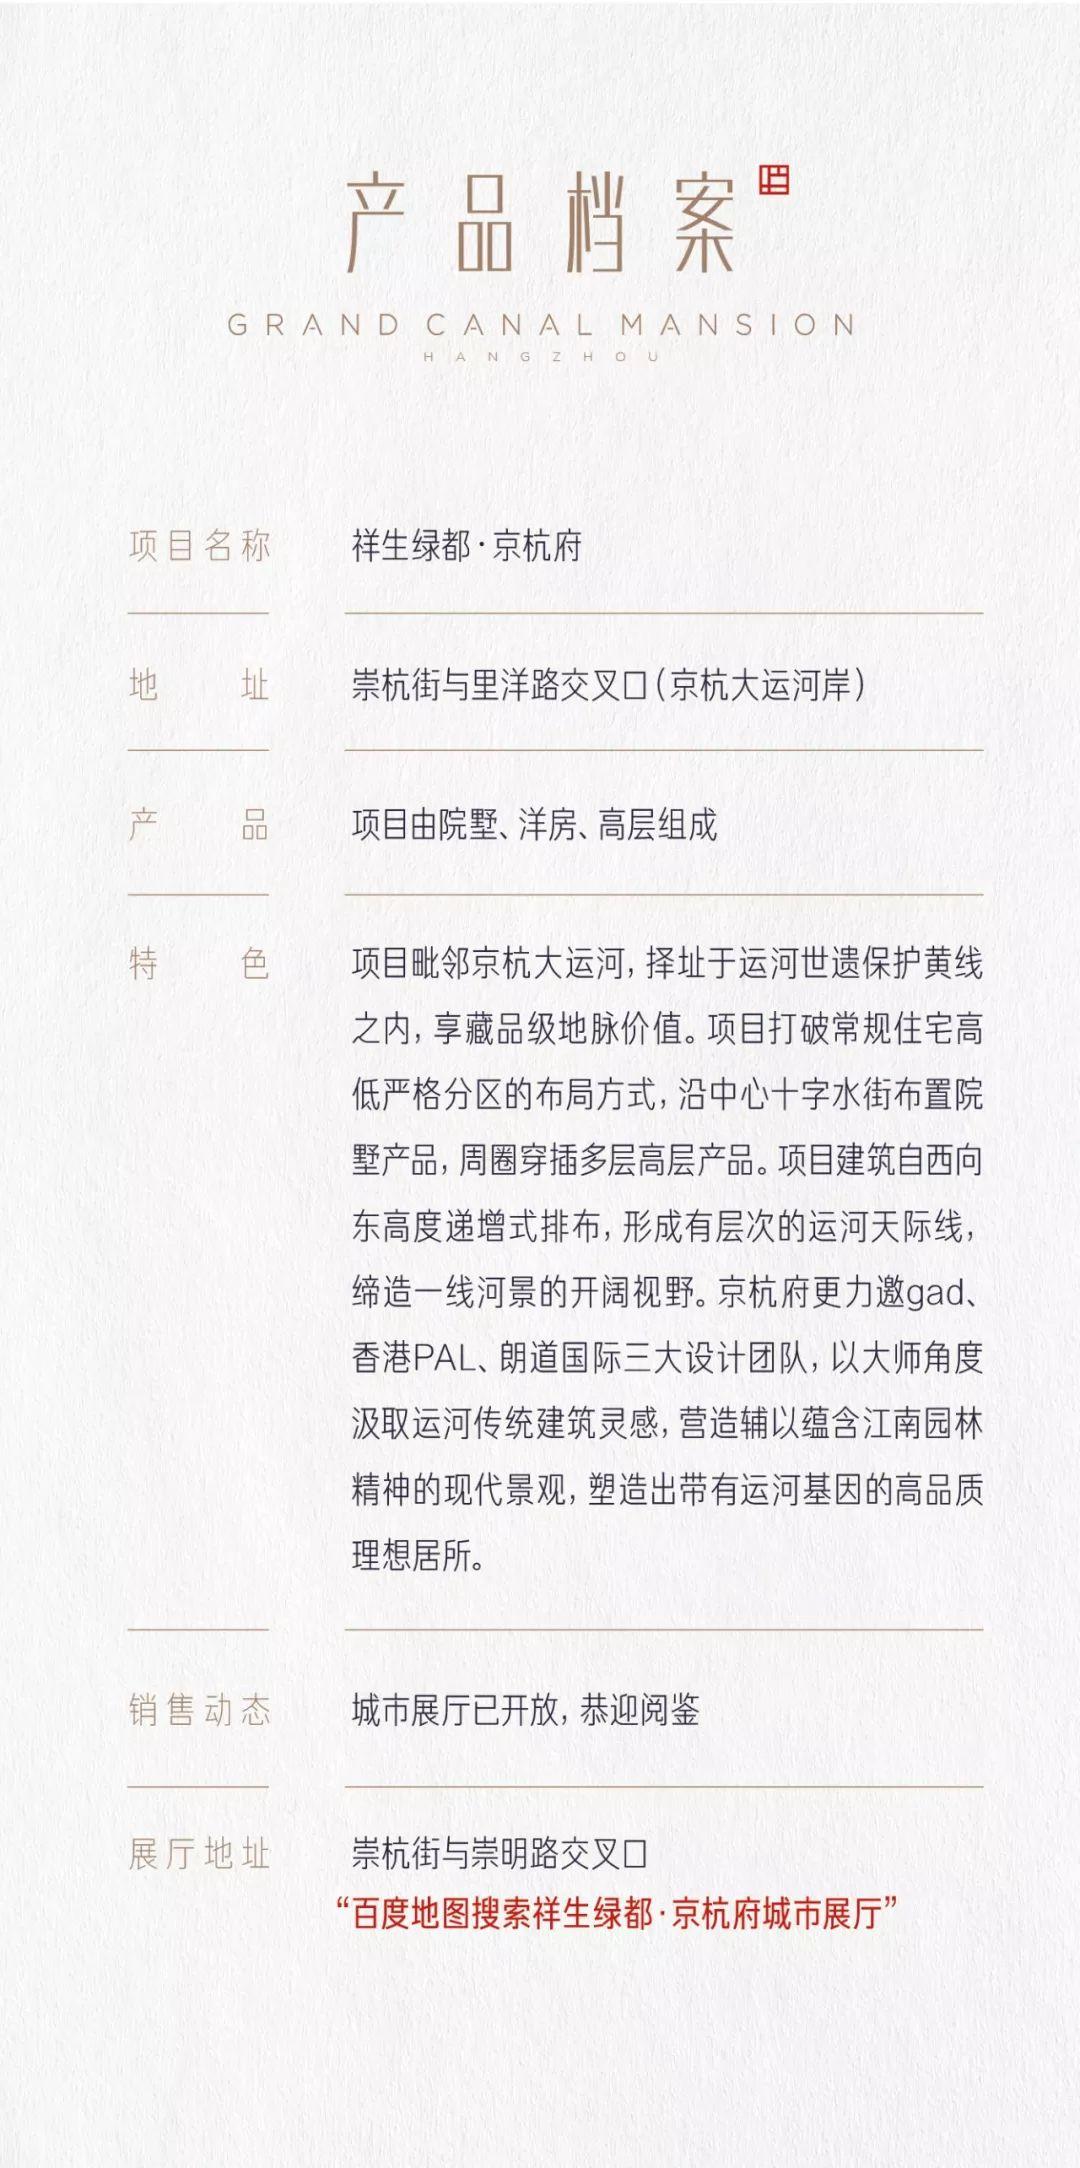 """京杭运河畔,集大师灵感  """"京杭府""""高层即将焕新而来"""